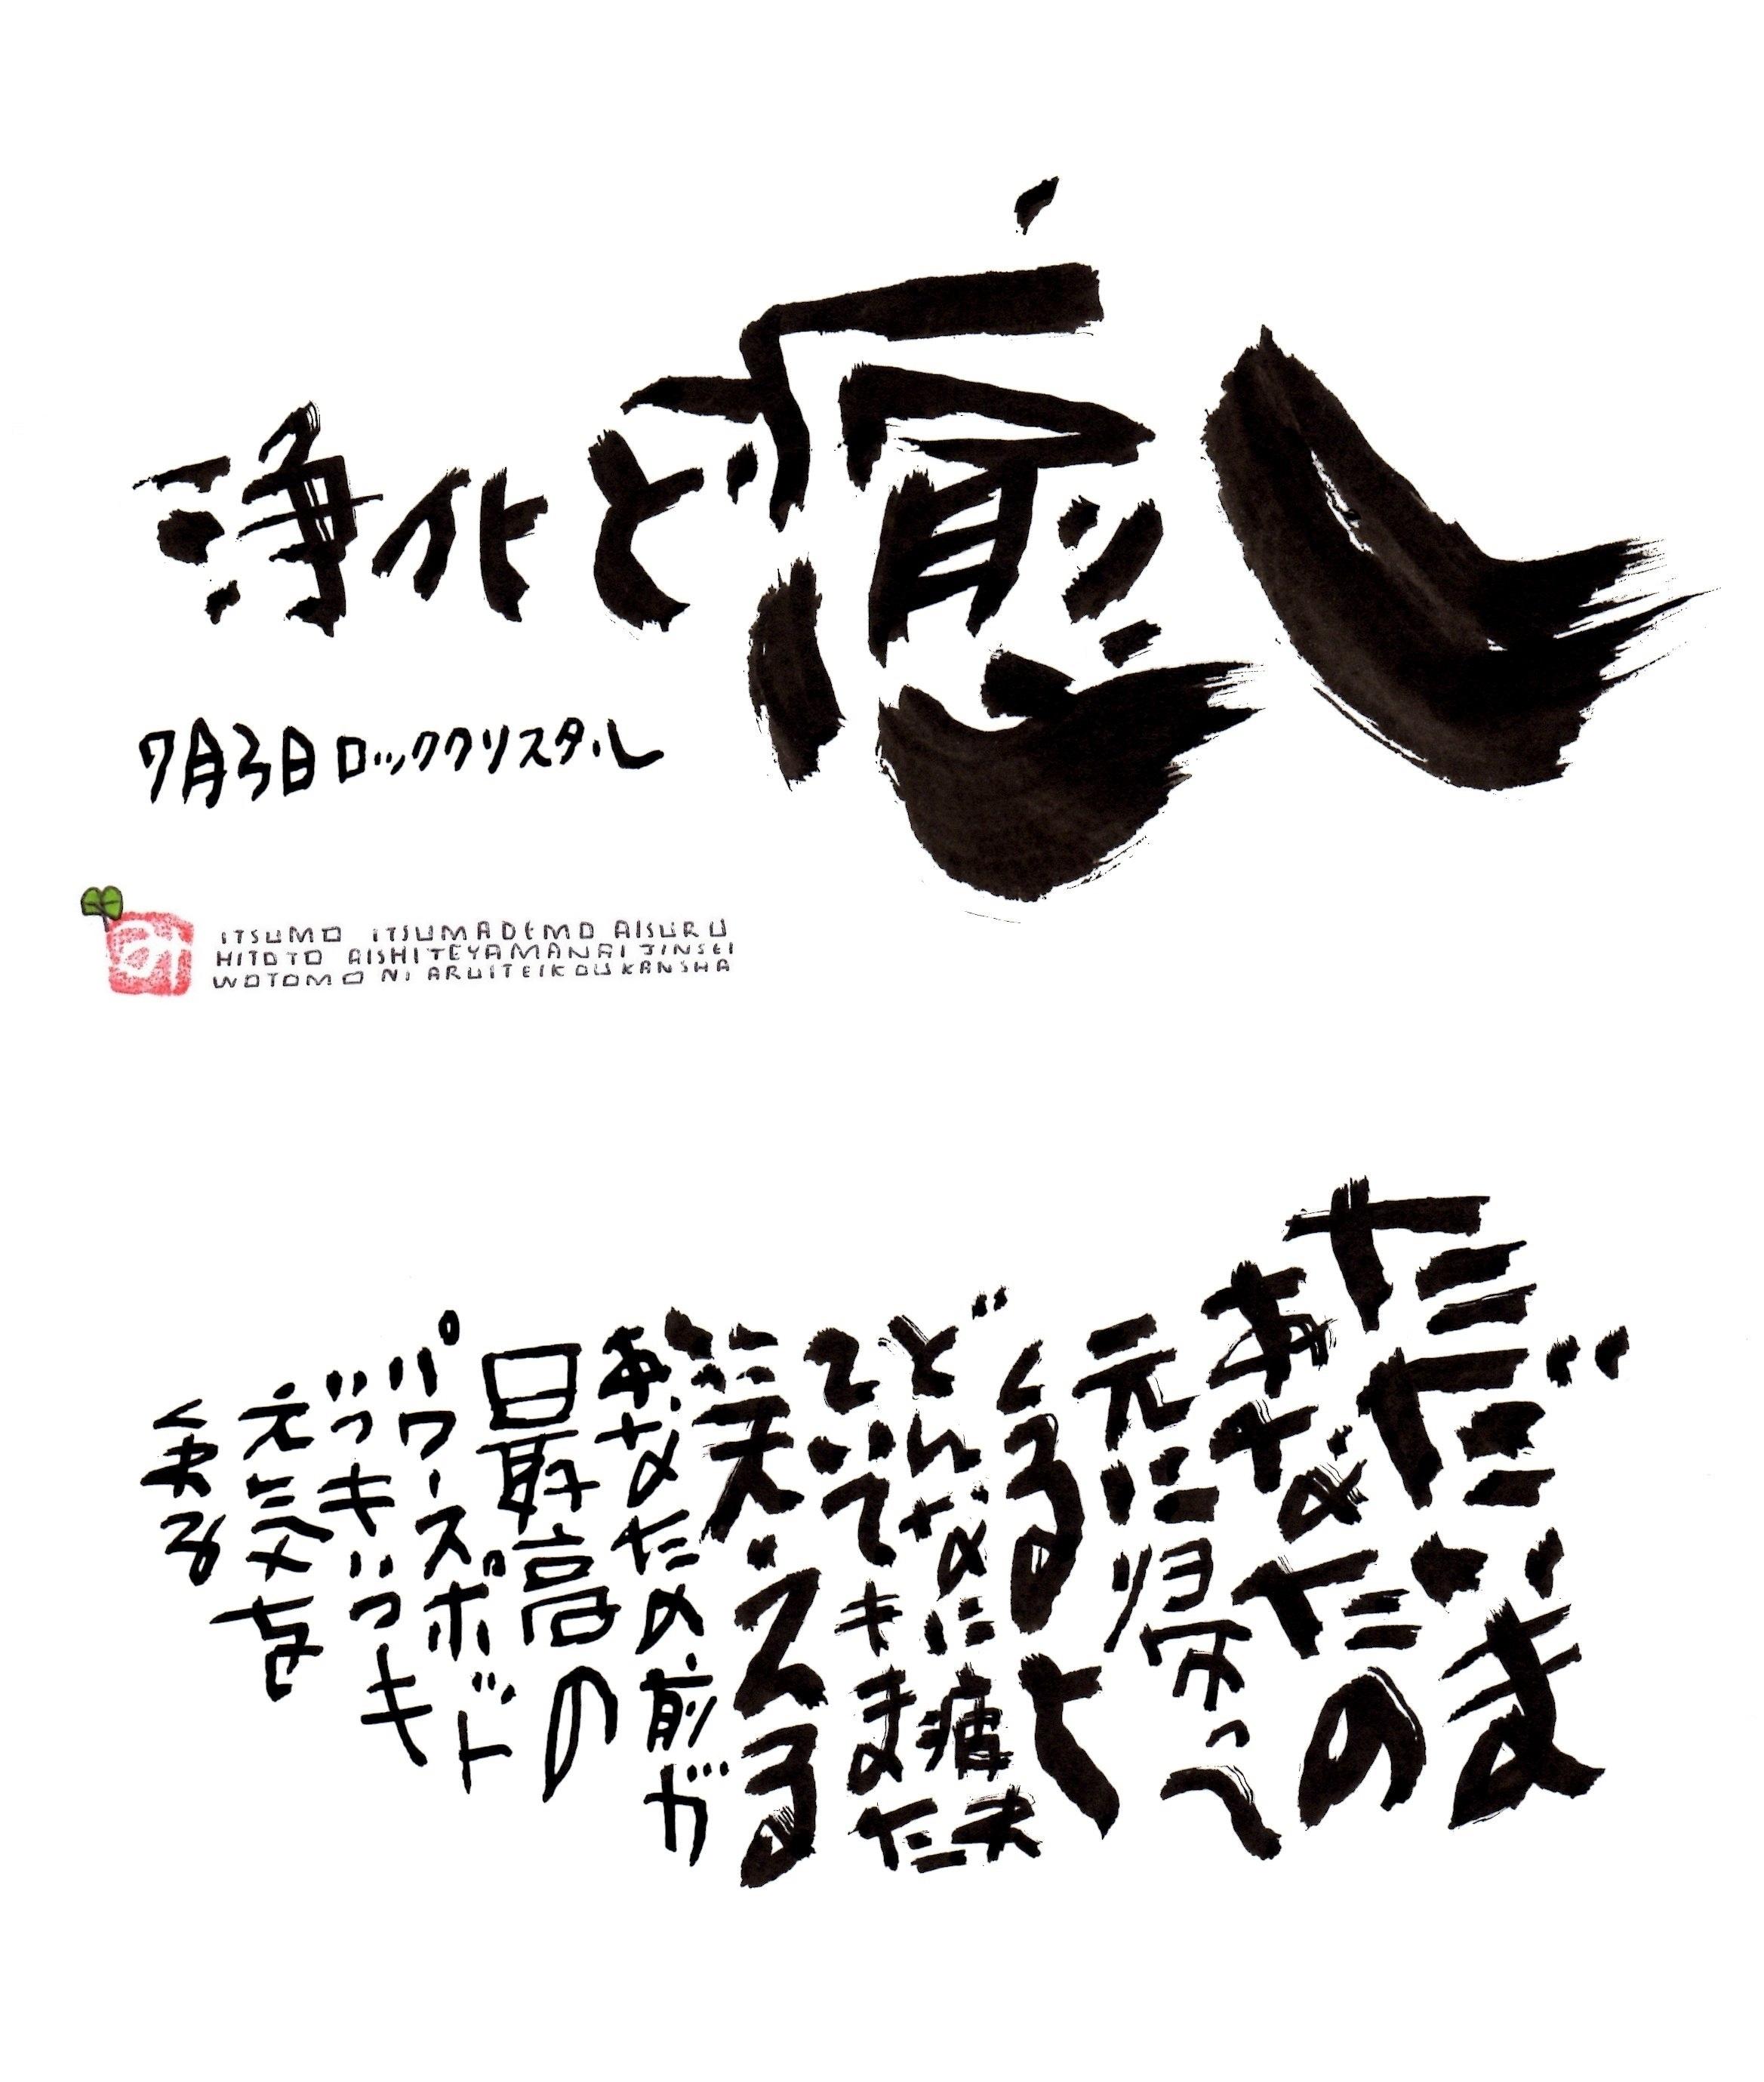 7月3日 結婚記念日ポストカード【浄化と癒し】